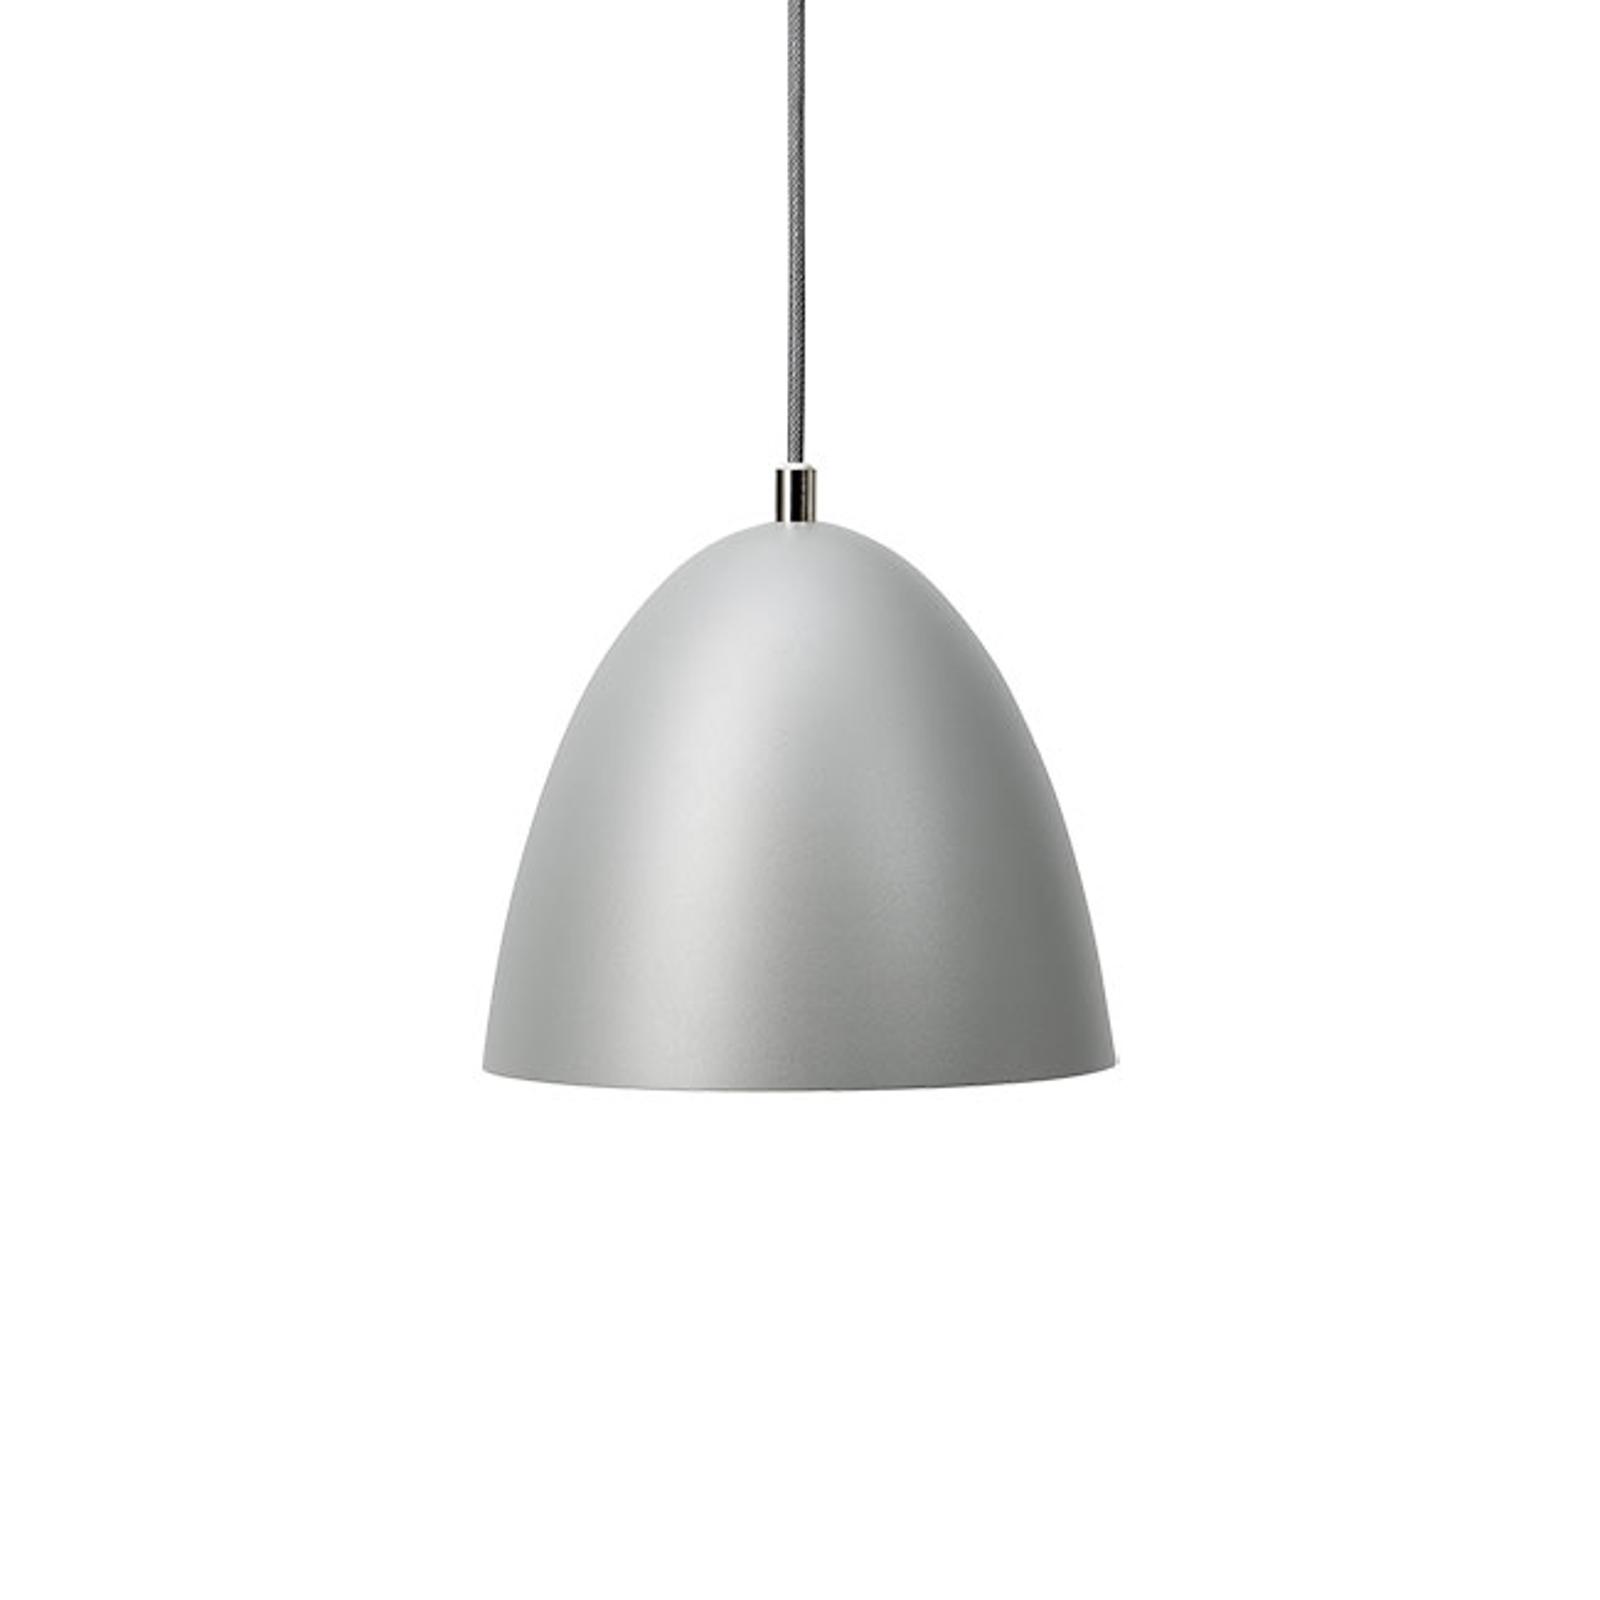 LED hanglamp Eas, Ø 24 cm, 3.000 K, grijs